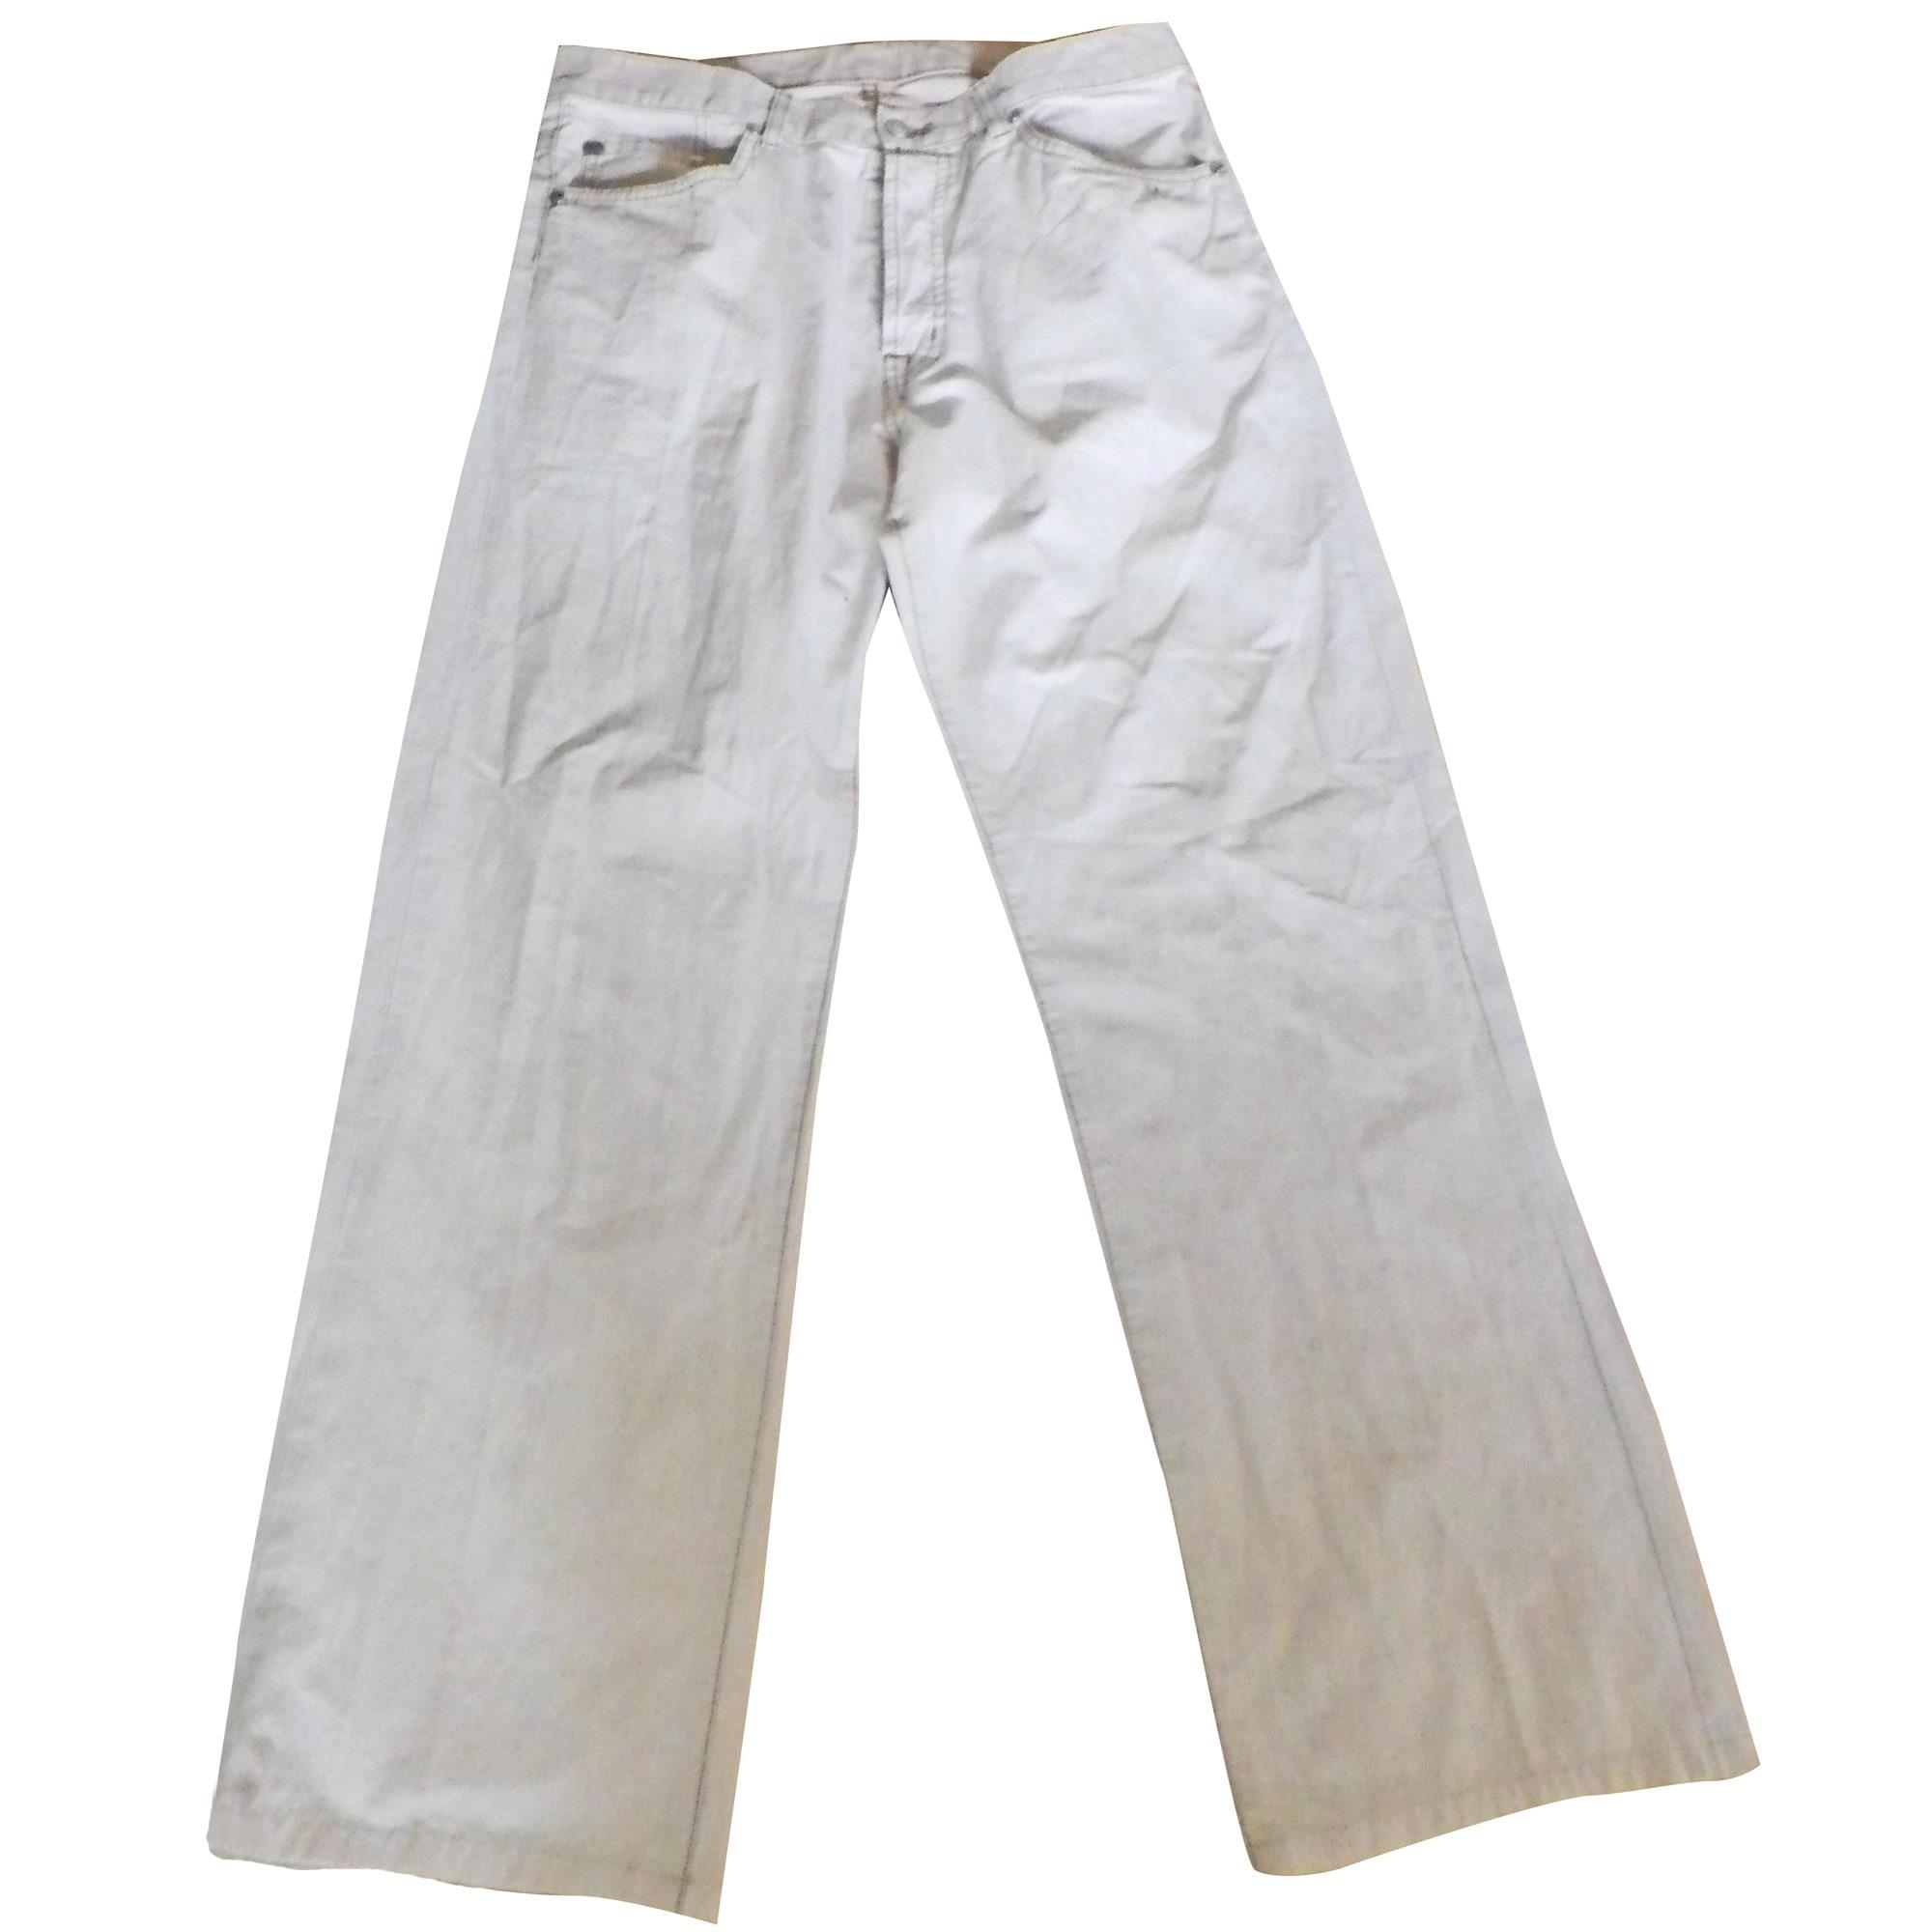 Pantalon droit LACOSTE Blanc, blanc cassé, écru